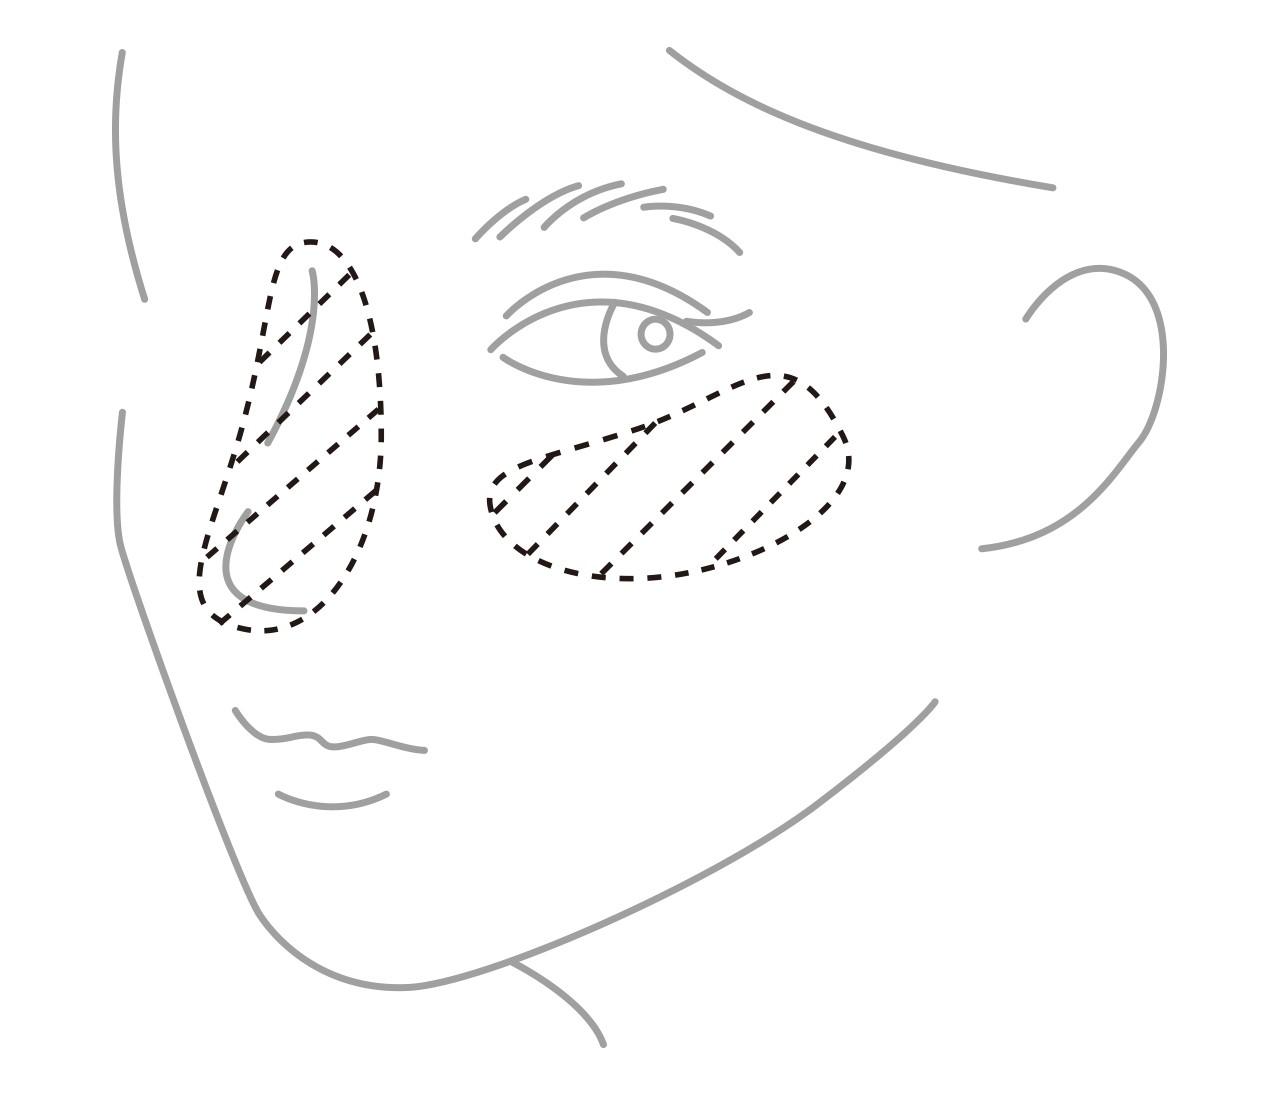 【UVケアQ&A】紫外線から「顔」を守る本当に正しい塗り方